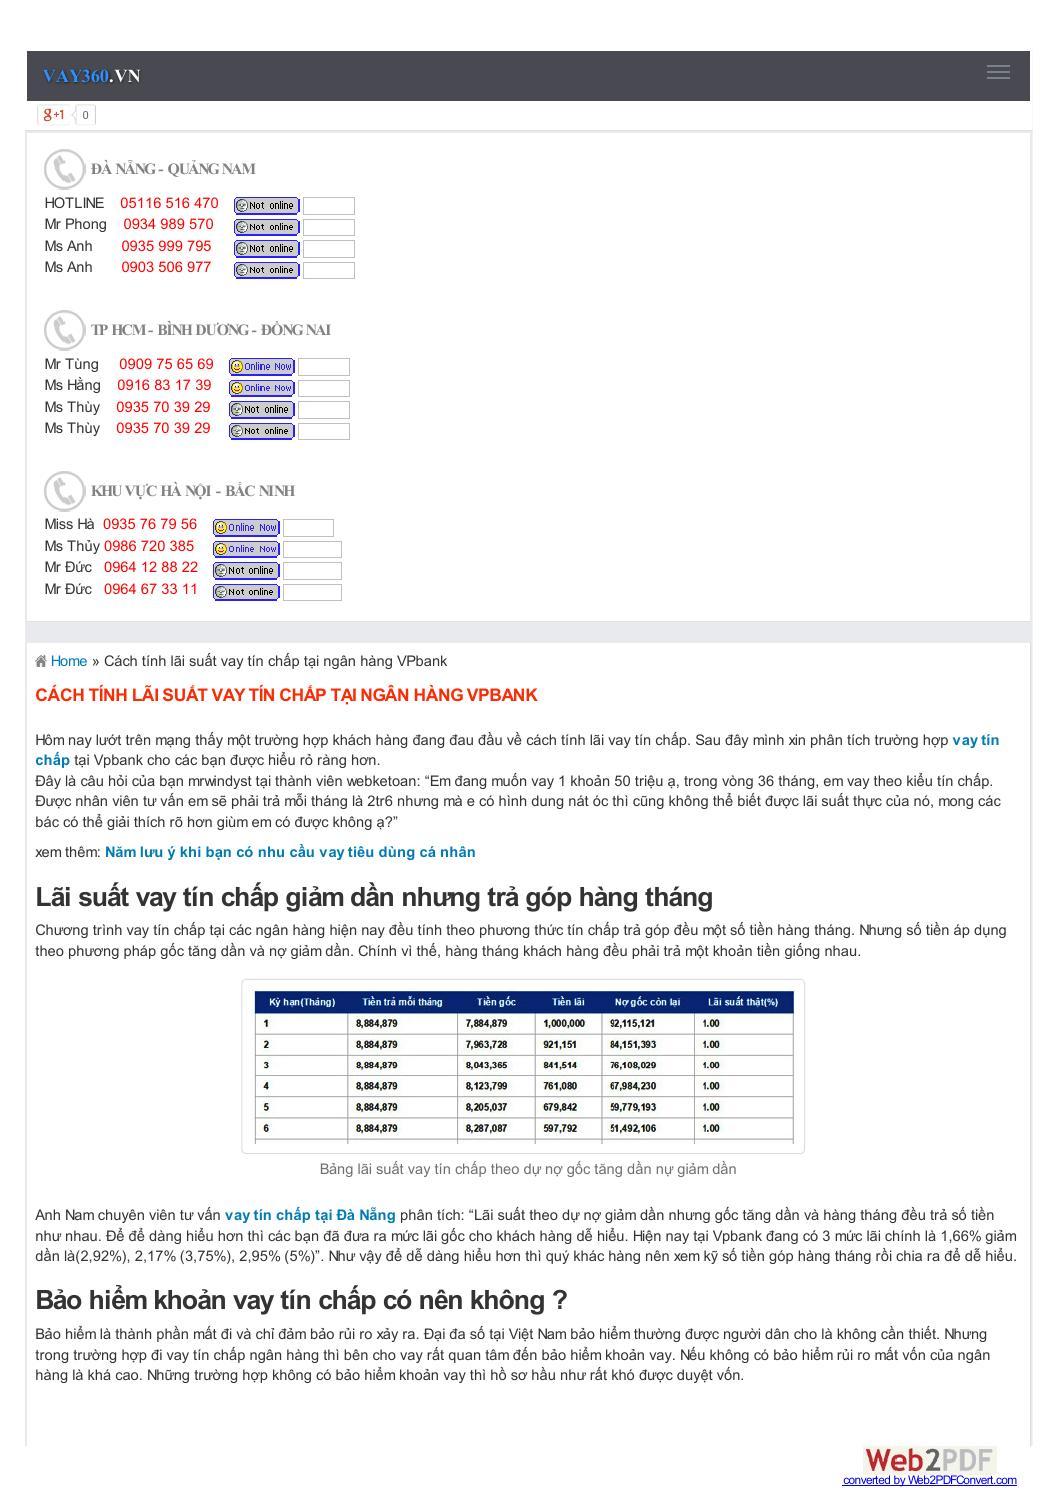 Cách tính lãi suất ngân hàng Vietcombank mà bạn cần nắm rõ